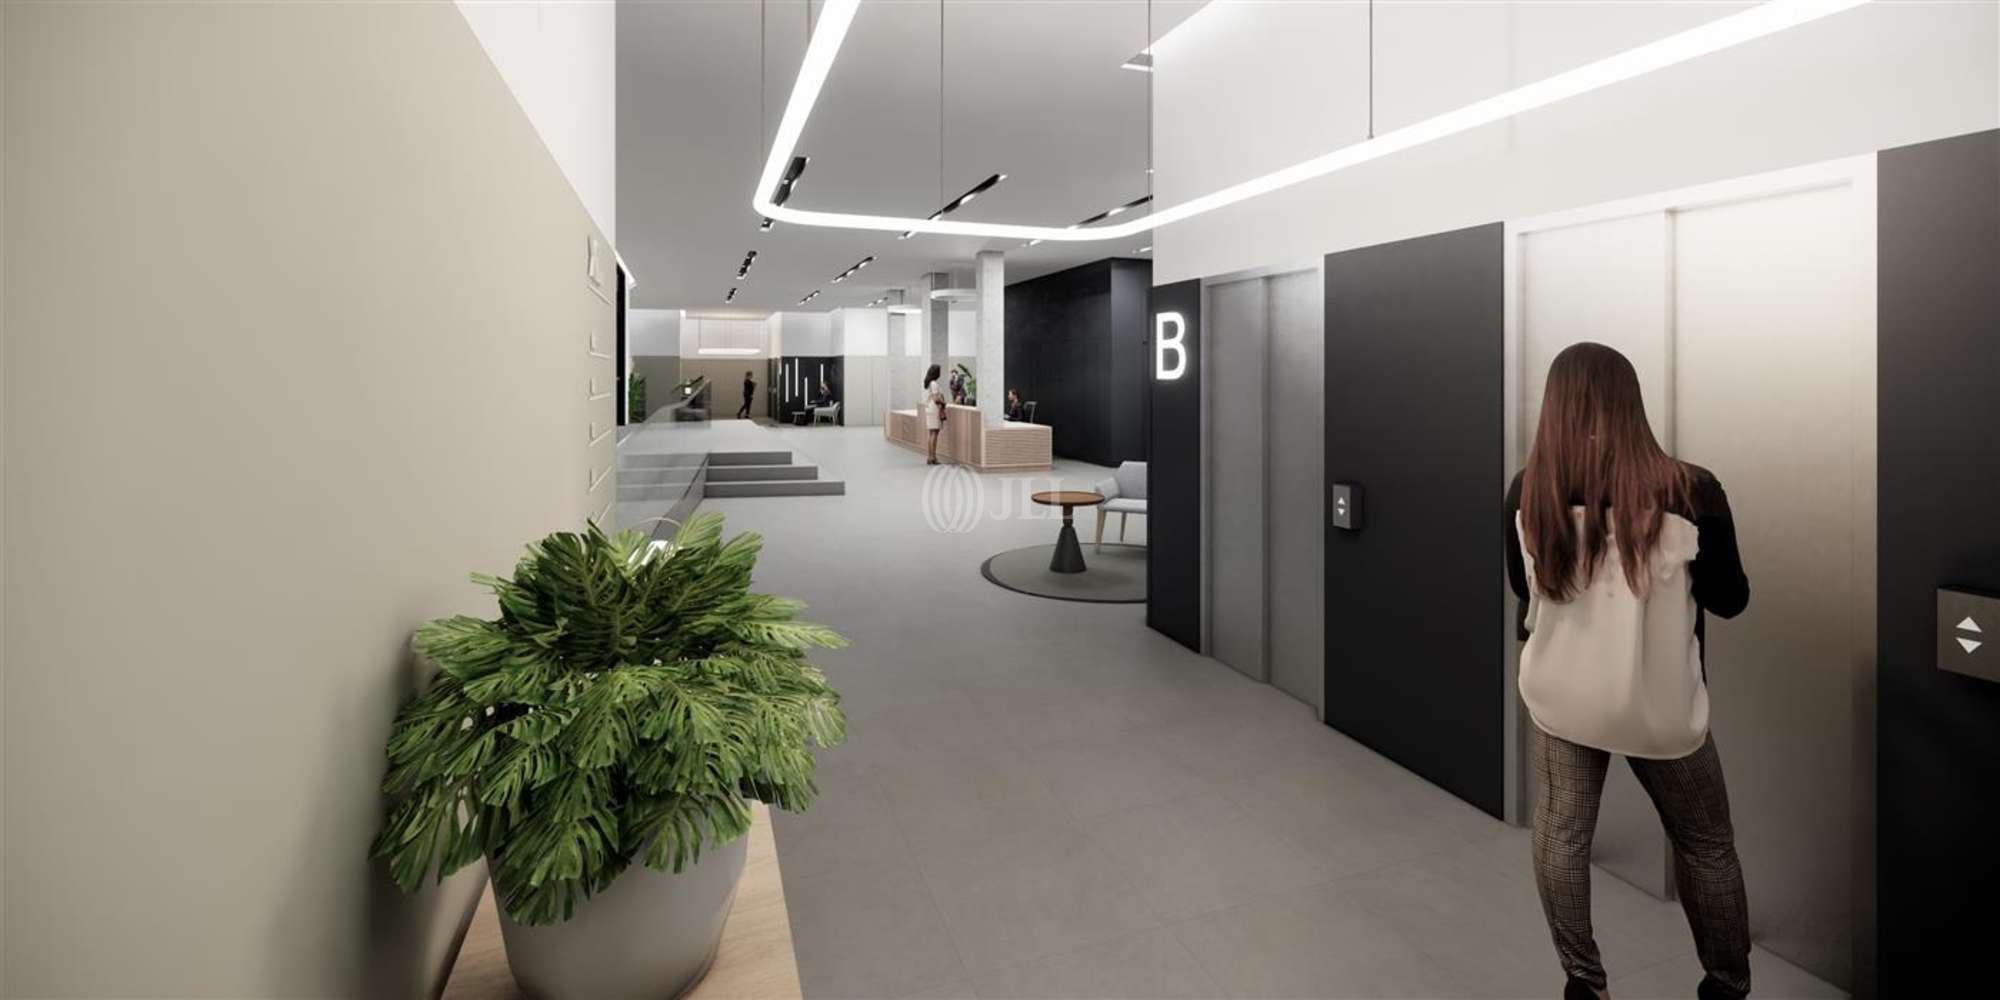 Oficina El prat de llobregat, 08820 - XI Bcn Edificio B